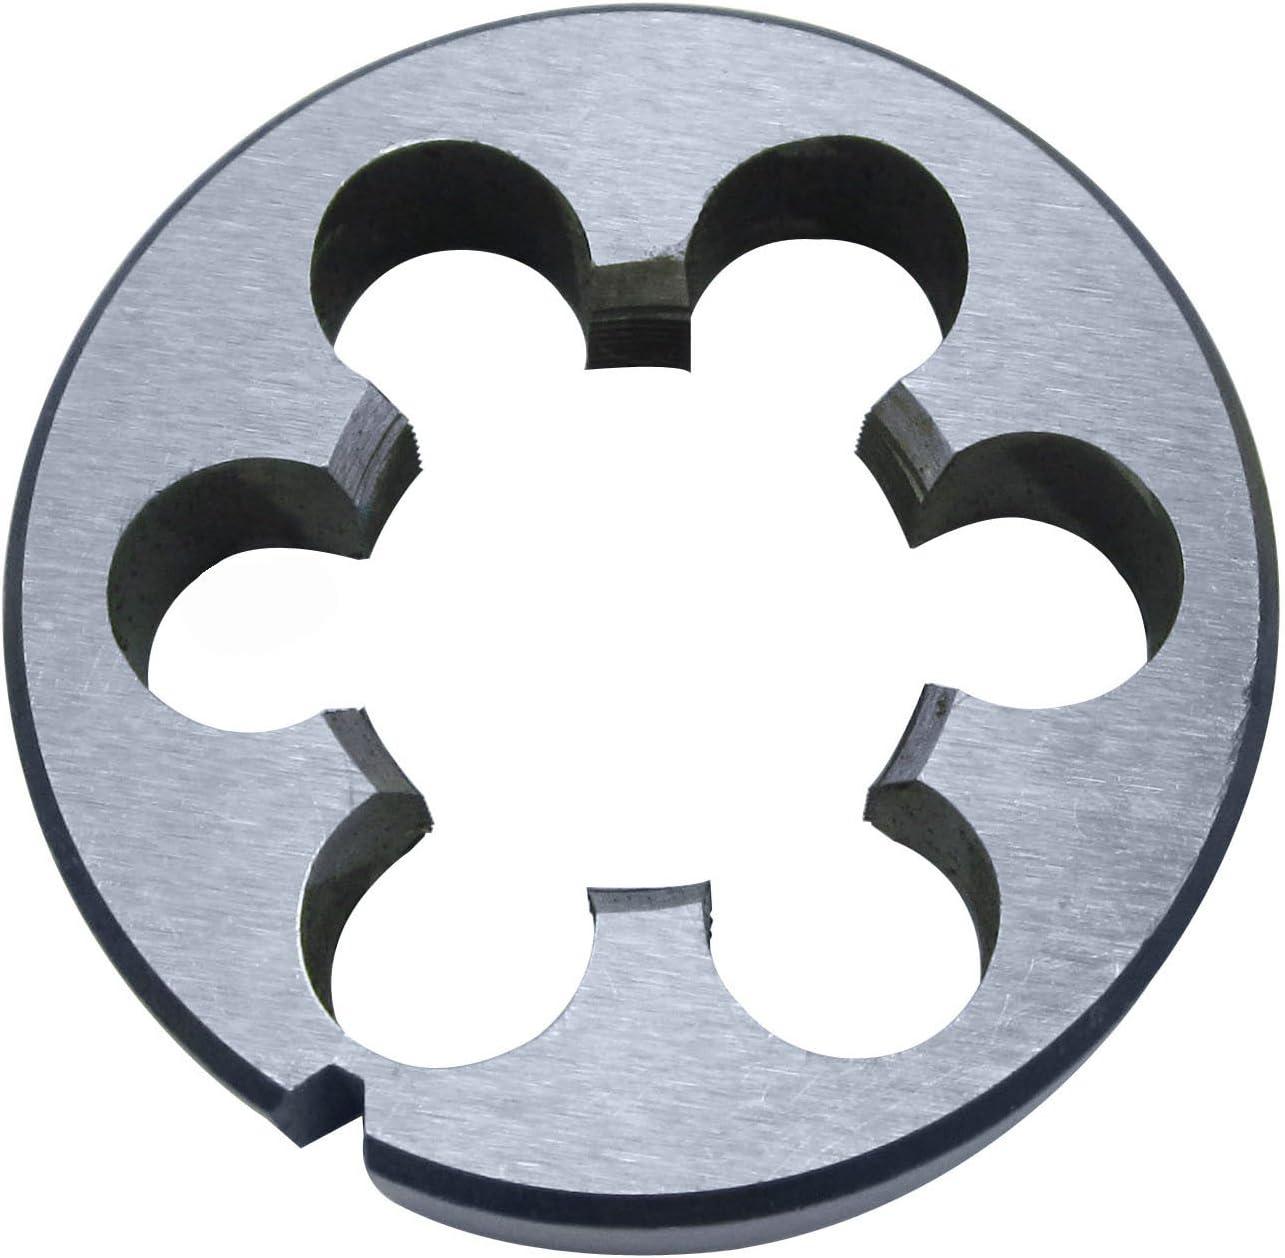 Metric Coarse M 27 x 3.0  27 mm Form B Solid Die